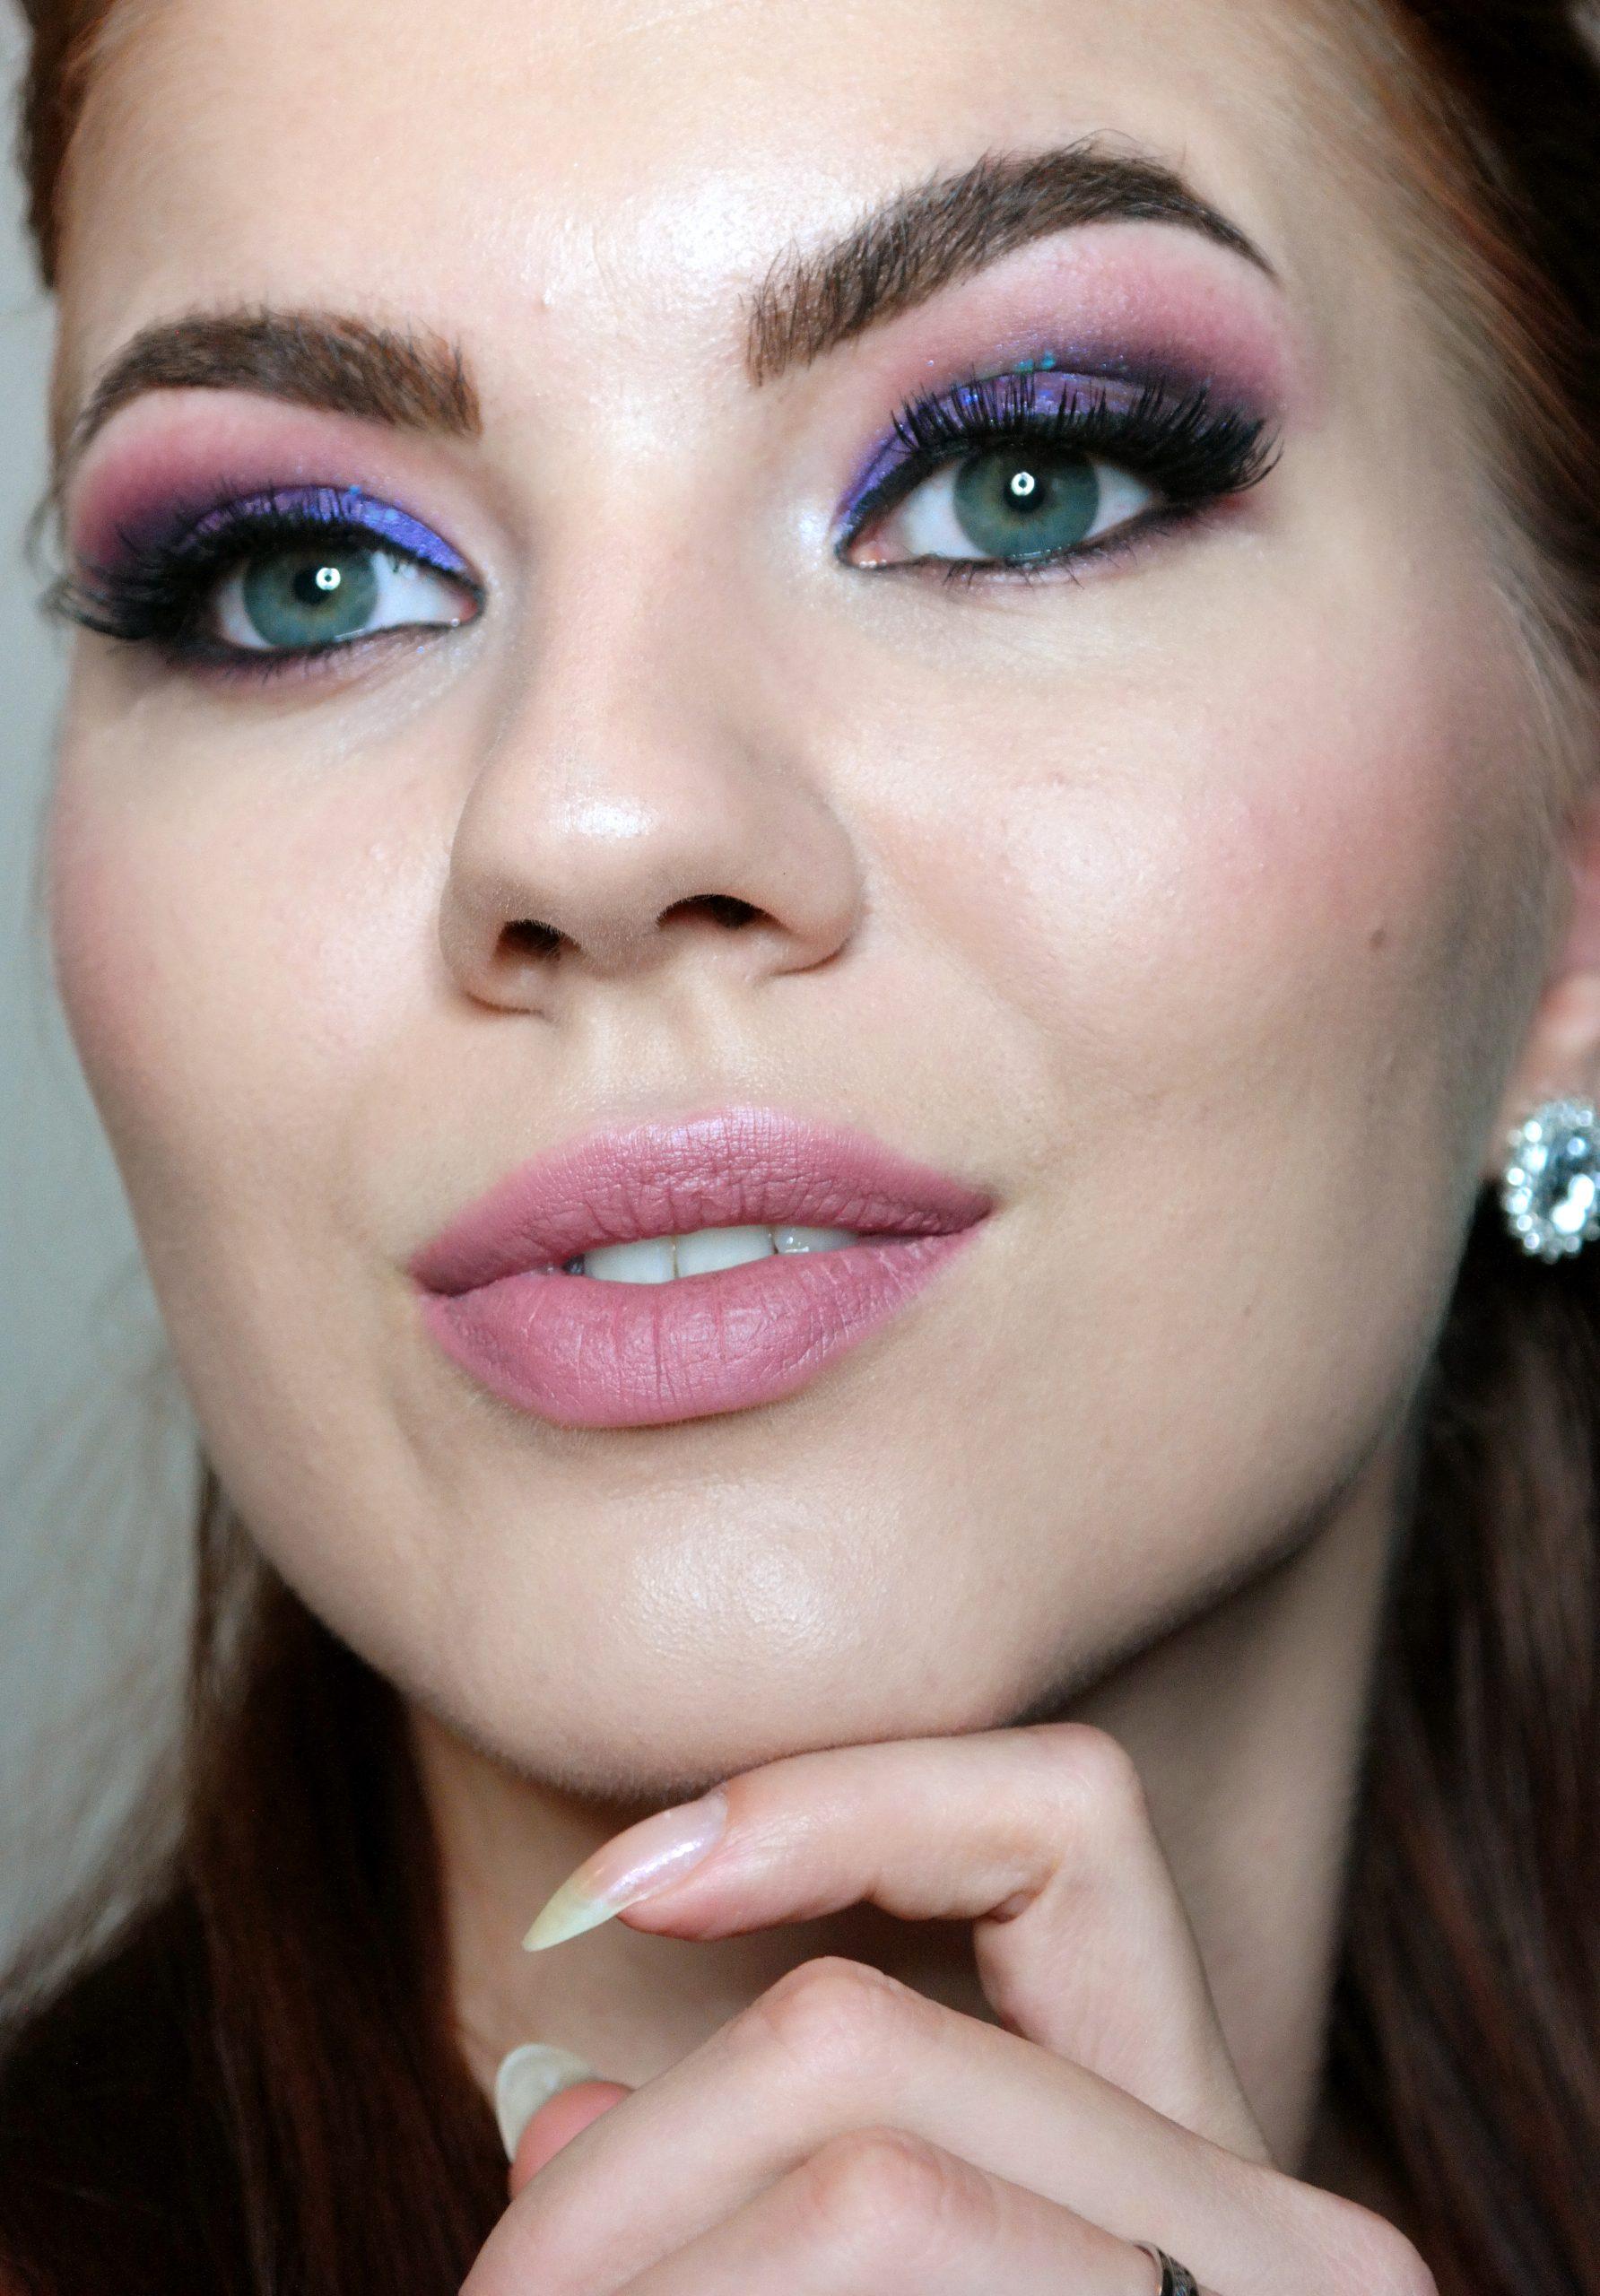 meikkitutoriaali violetti glitter silmämeikki